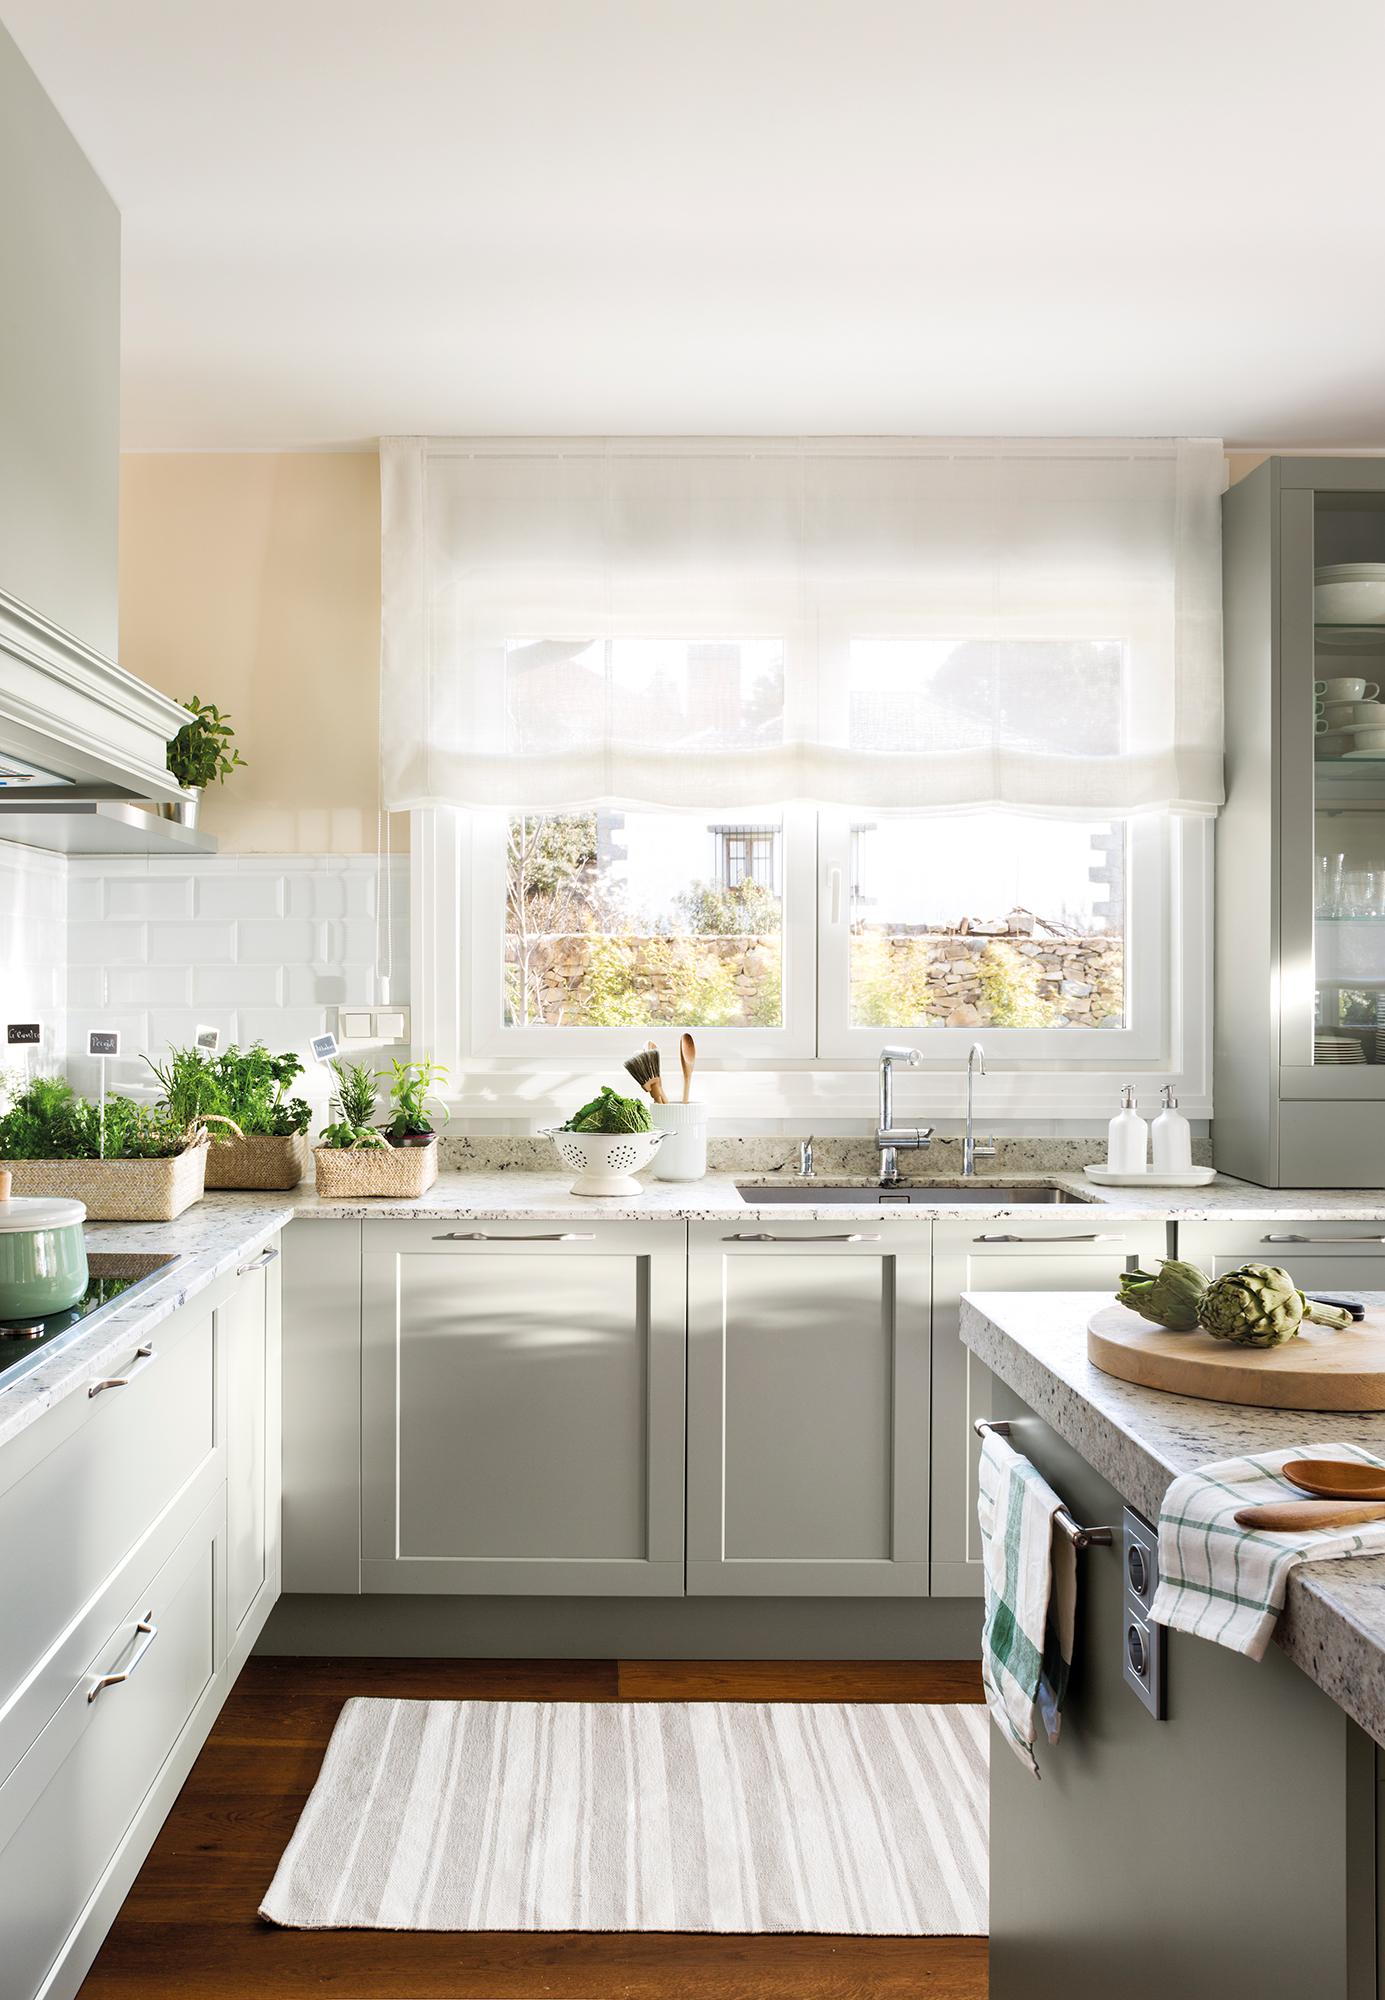 739 Fotos de Muebles de cocina